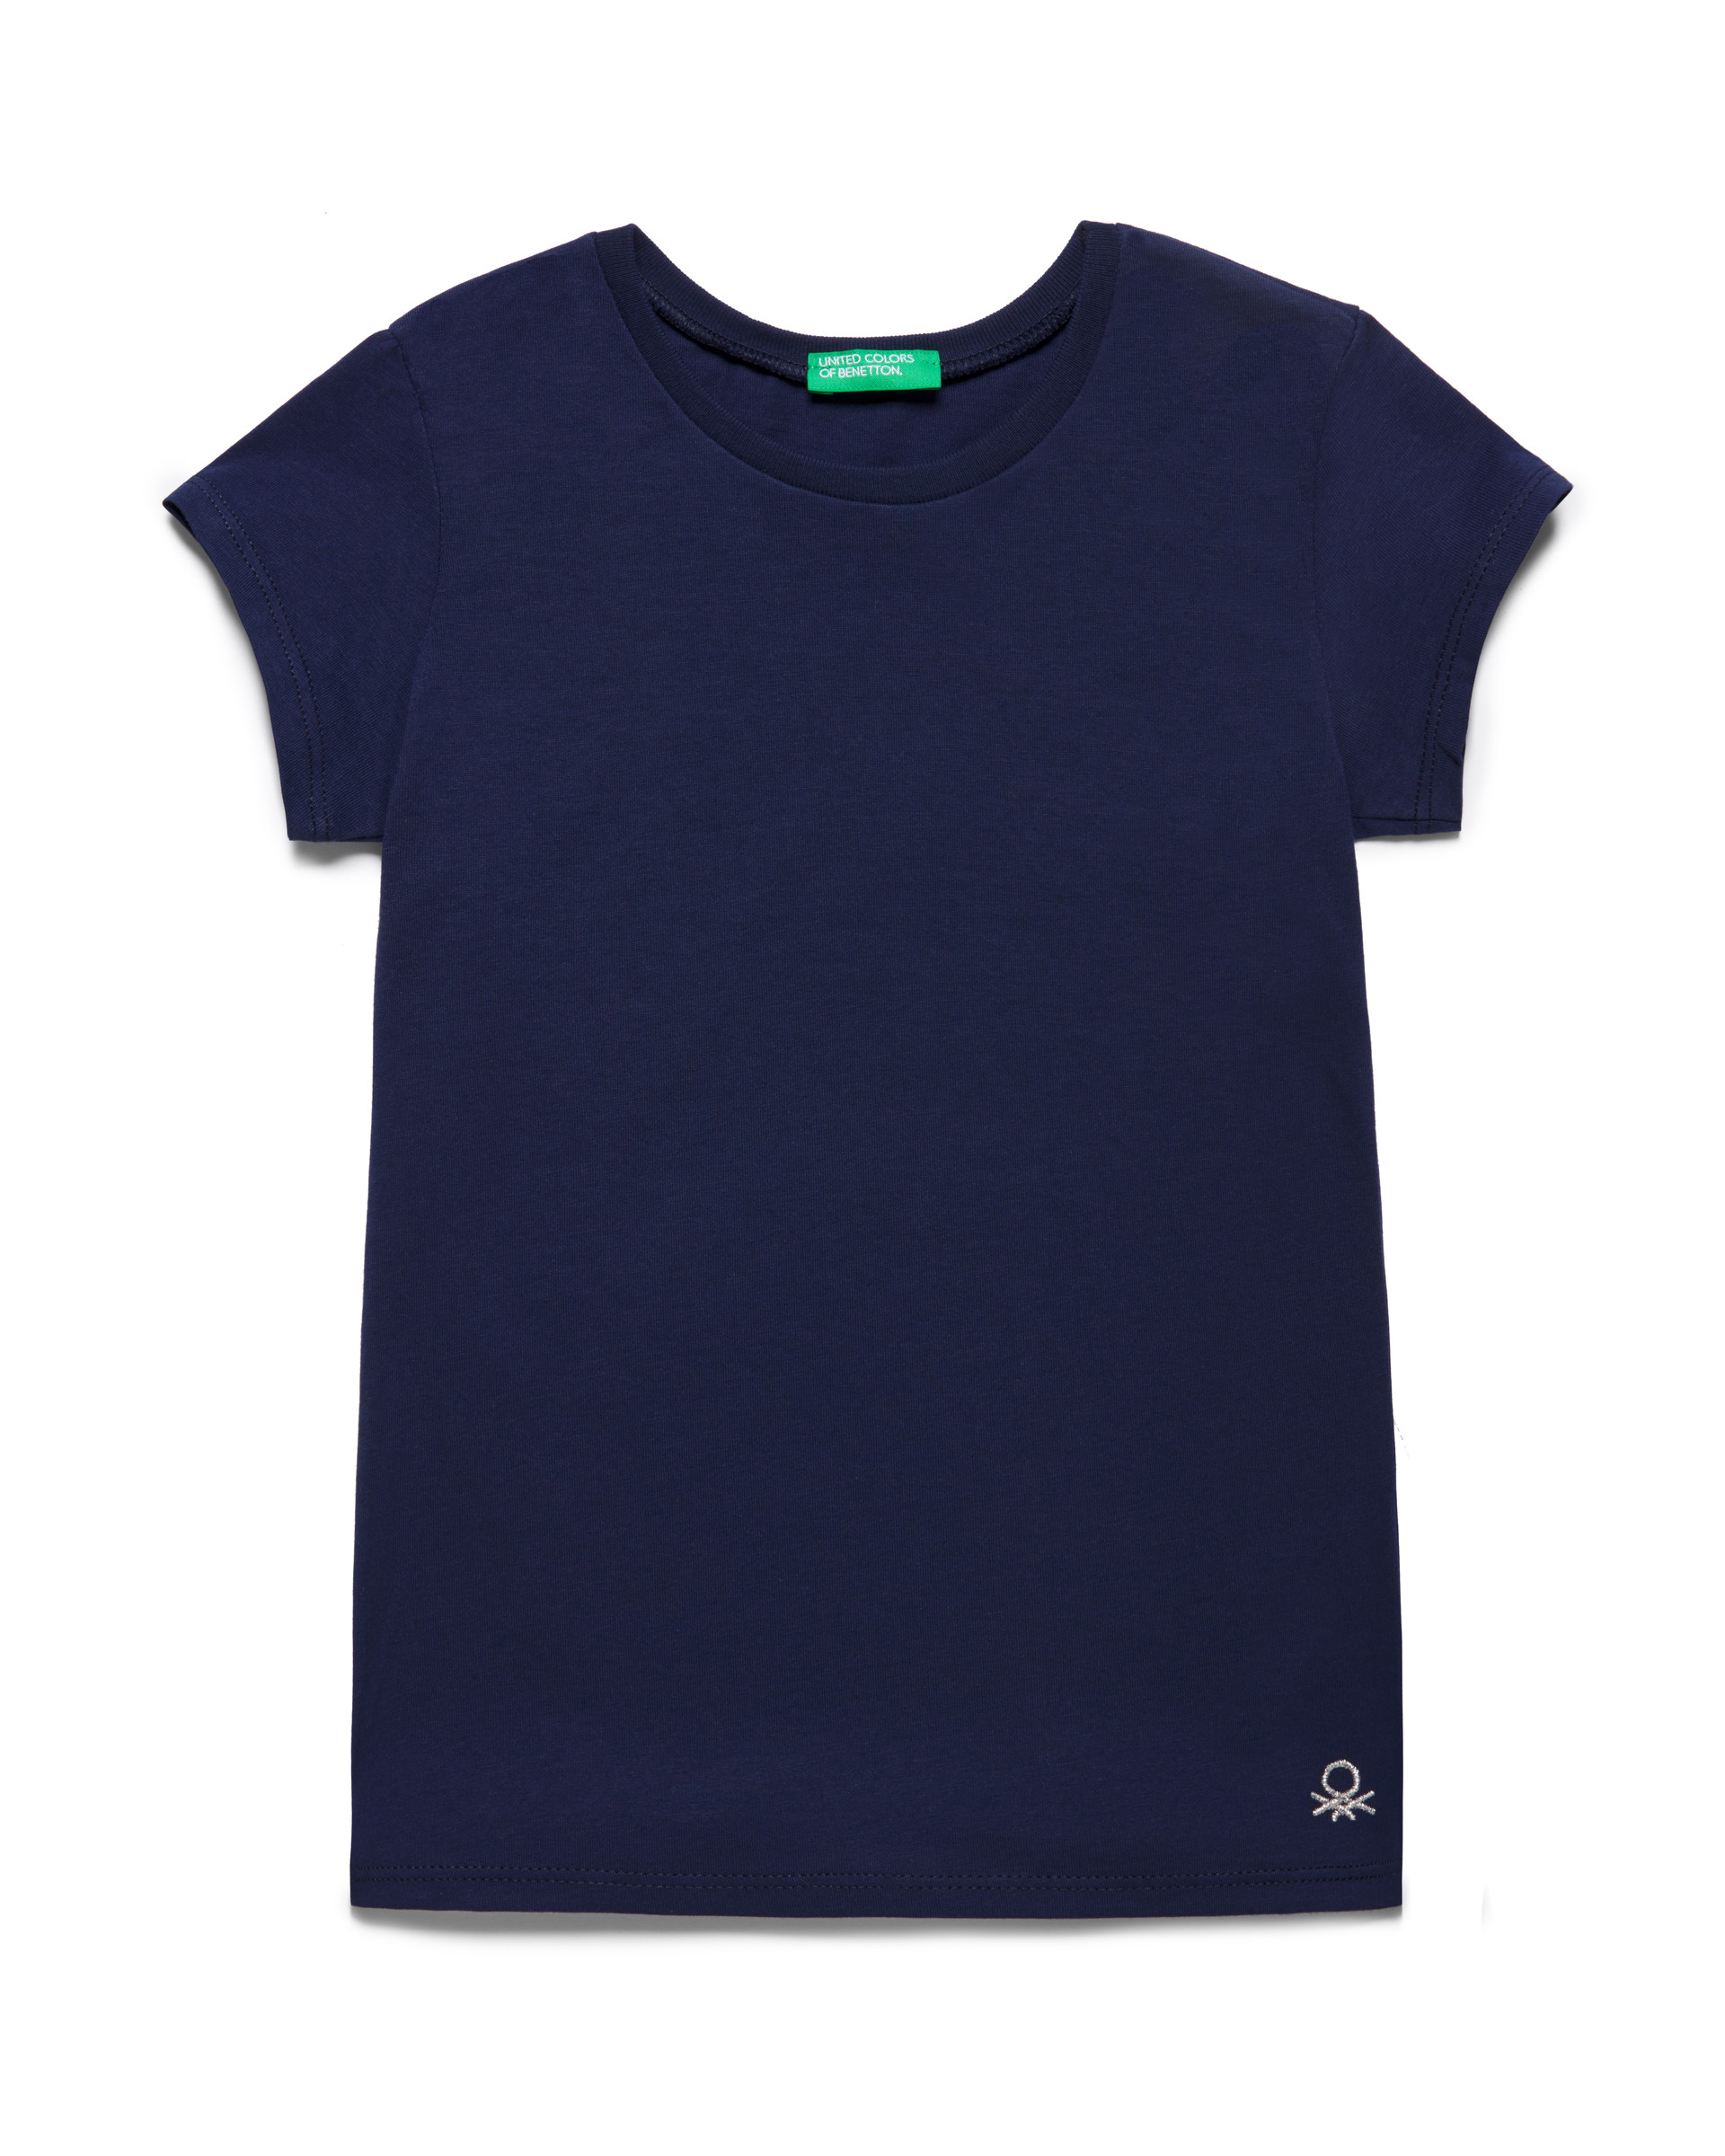 Купить 20P_3I1XC13J1_252, Футболка для девочек Benetton 3I1XC13J1_252 р-р 80, United Colors of Benetton, Кофточки, футболки для новорожденных